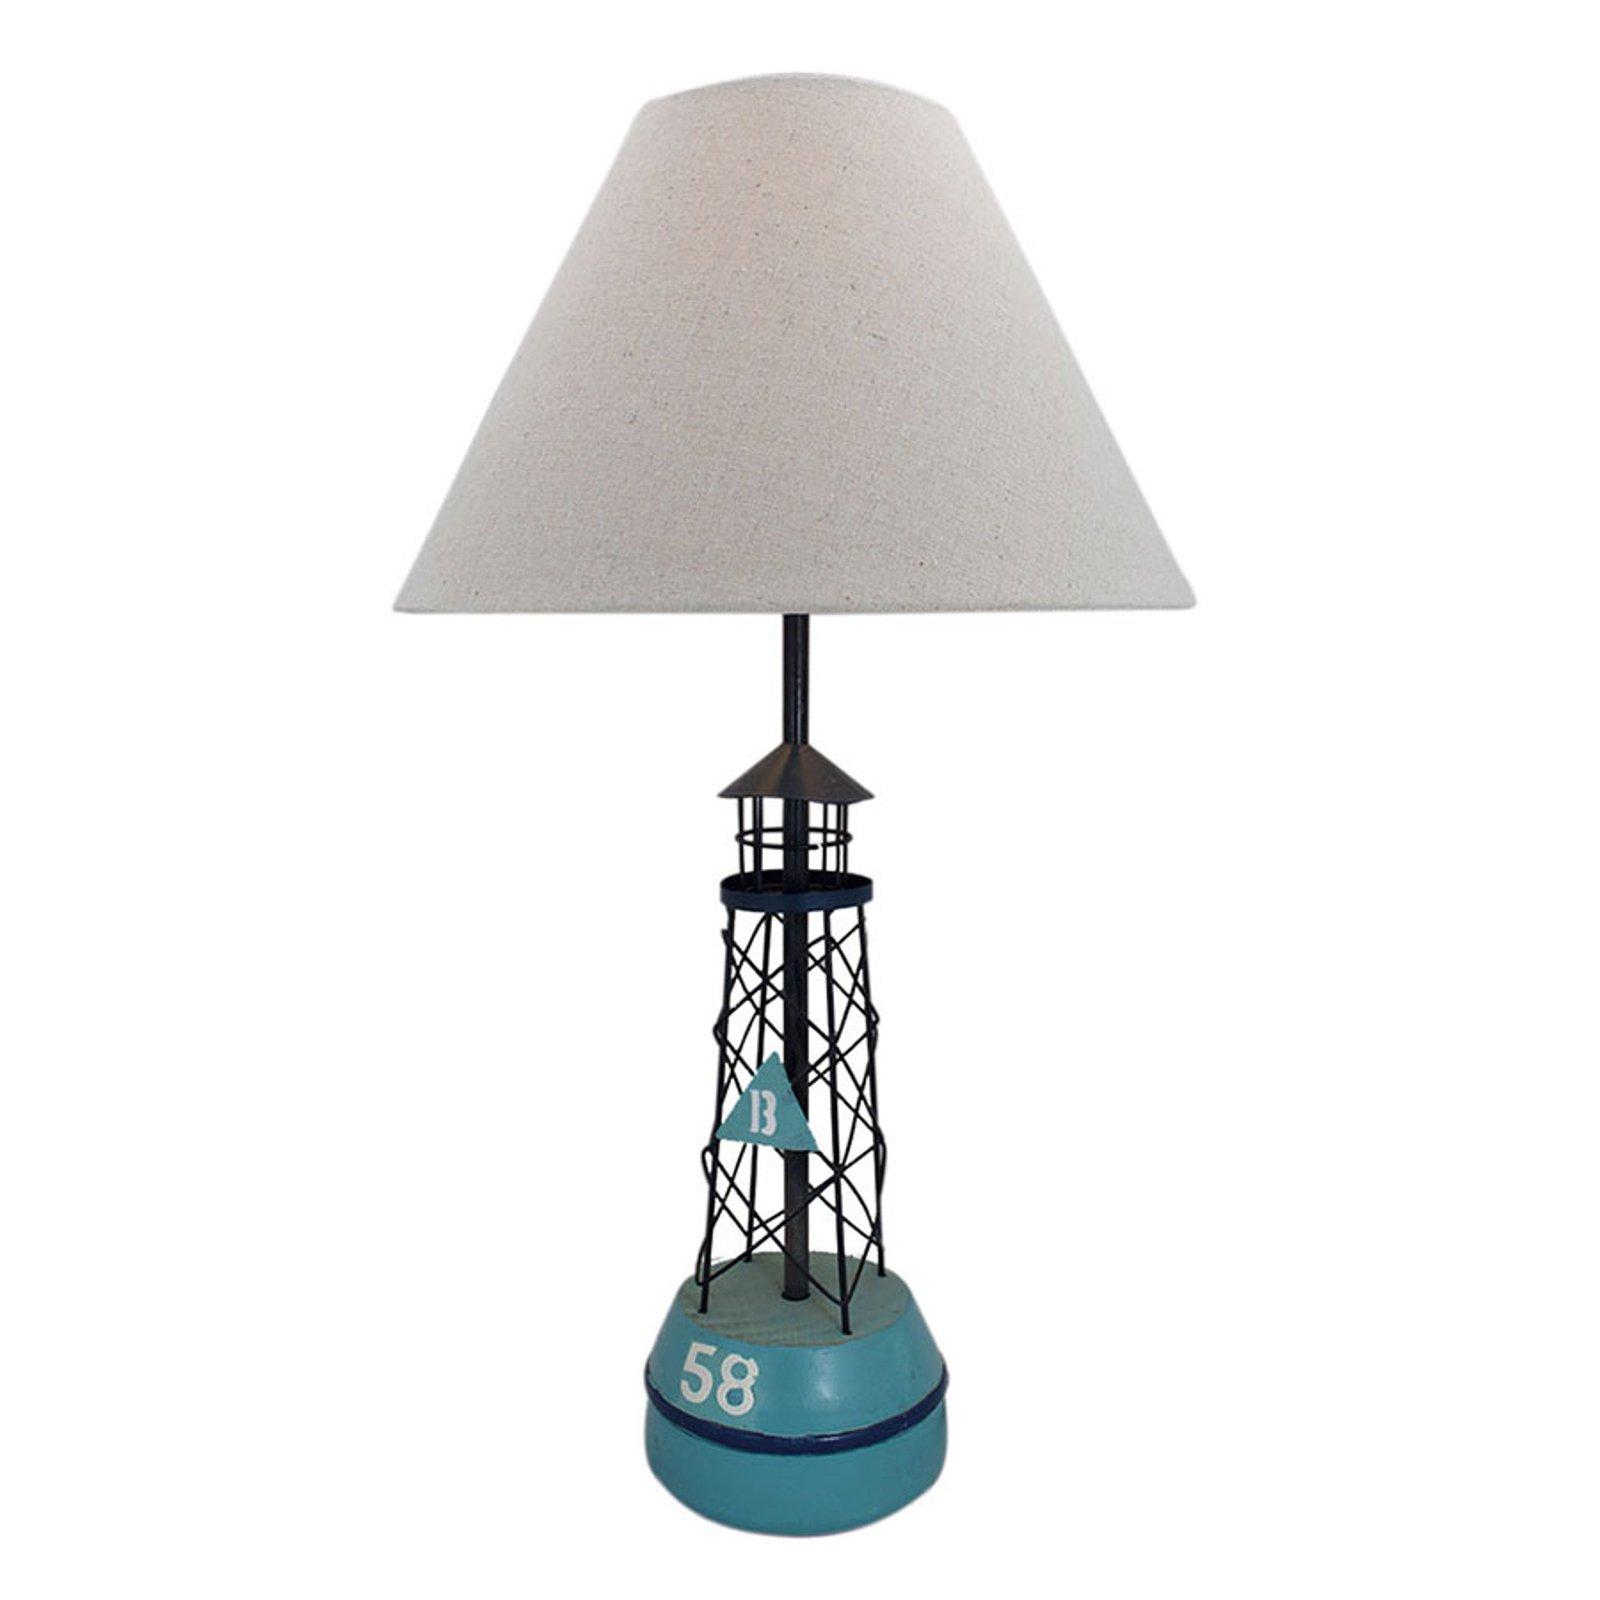 Bordlampe 5761 Boe med tekstilskjerm